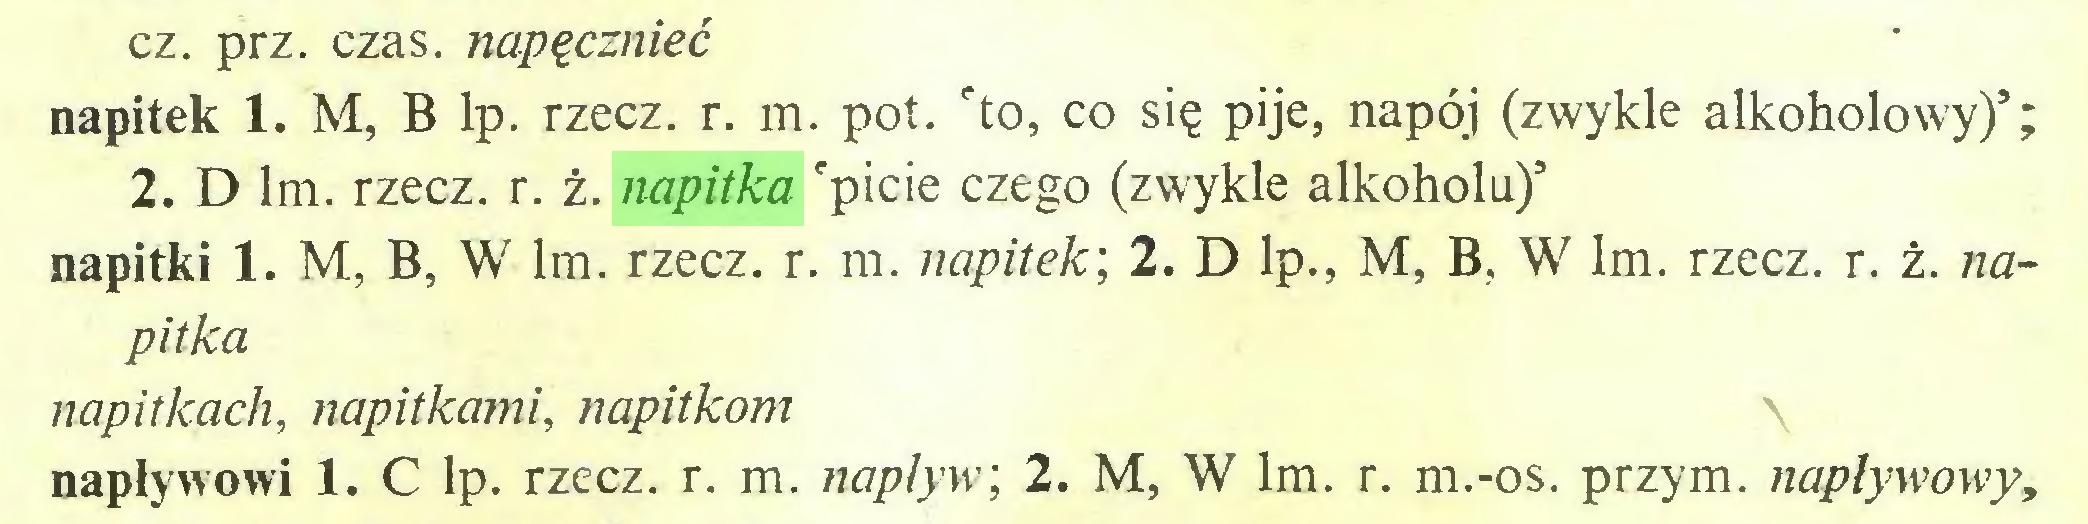 (...) cz. prz. czas. napęcznieć napitek 1. M, B lp. rzecz. r. m. pot. 'to, co się pije, napój (zwykle alkoholowy)5; 2. D lm. rzecz. r. ż. napitka 'picie czego (zwykle alkoholu)5 napitki 1. M, B, W lm. rzecz. r. m. napitek; 2. D lp., M, B, W lm. rzecz. r. ż. napitka napitkach, napitkami, napitkom napływowi 1. C lp. rzecz. r. m. napływ; 2. M, W lm. r. m.-os. przym. napływowy,...